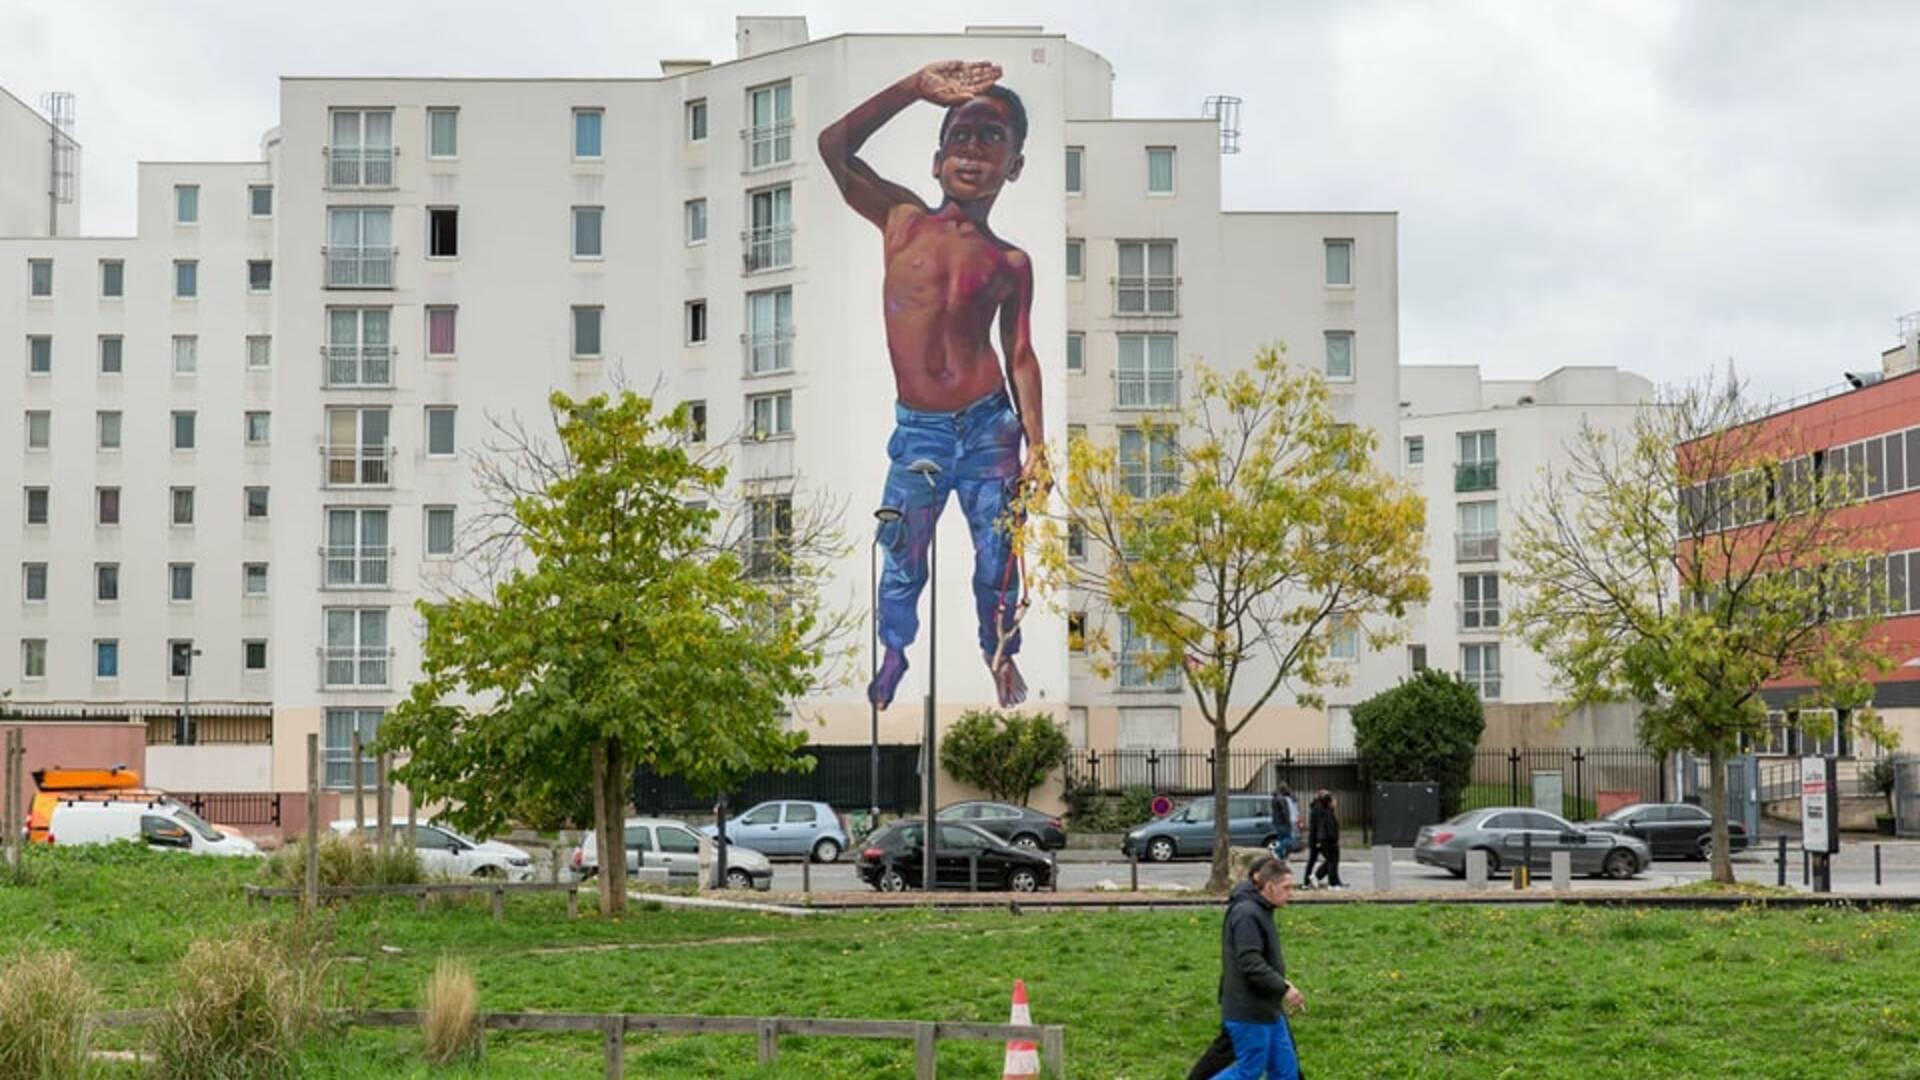 Oeuvre de Case Maclaim pour la saison 4 de la Street Art Avenue - crédit Pierre Le Tulzo